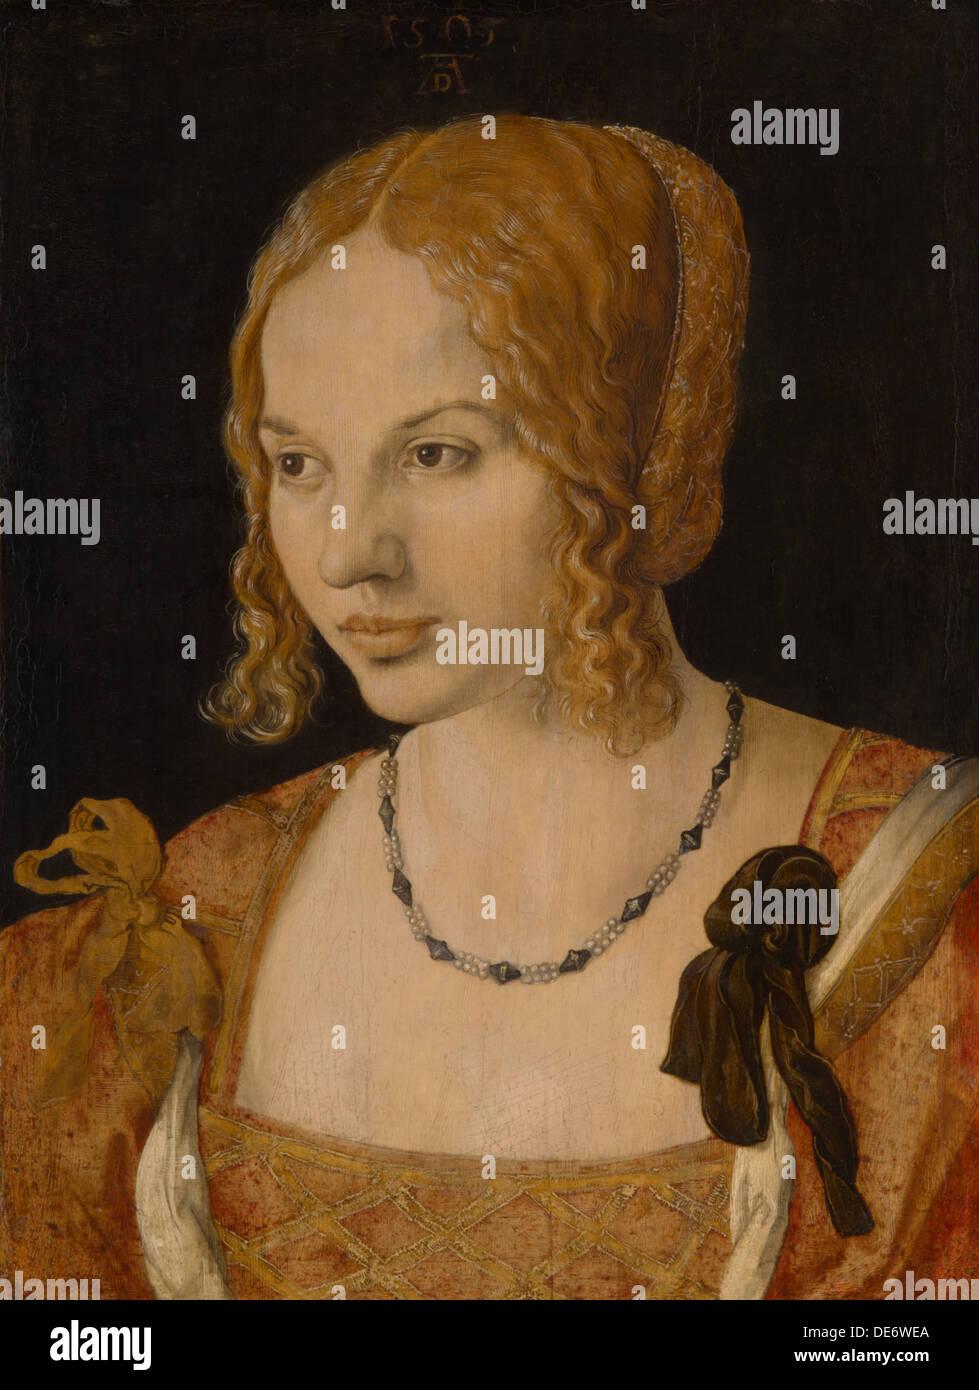 Portrait of a Young Venetian Woman, 1505. Artist: Dürer, Albrecht (1471-1528) Stock Photo